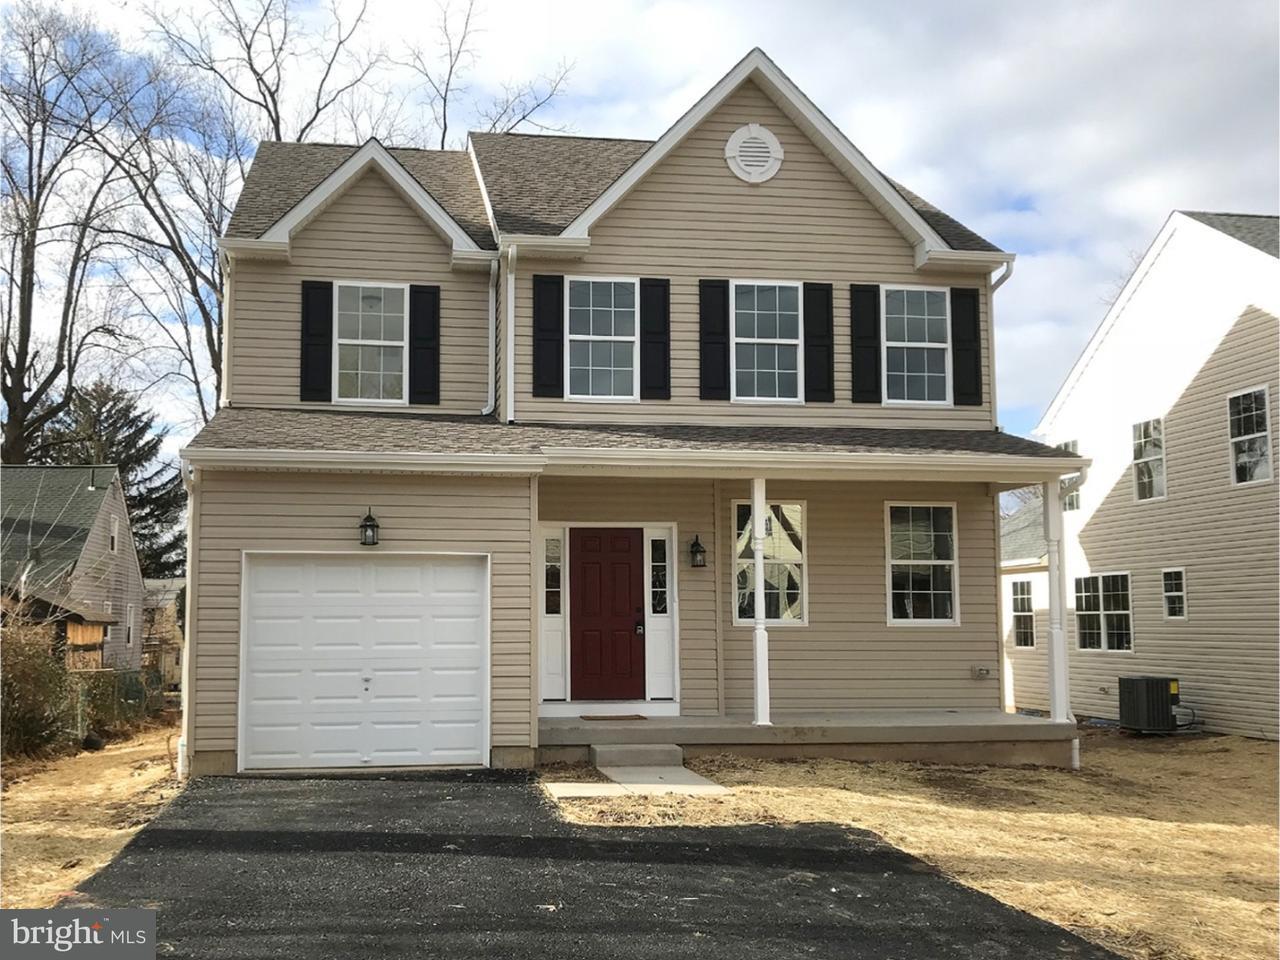 Casa Unifamiliar por un Venta en 335 LANCASTER Avenue Hatboro, Pennsylvania 19040 Estados Unidos